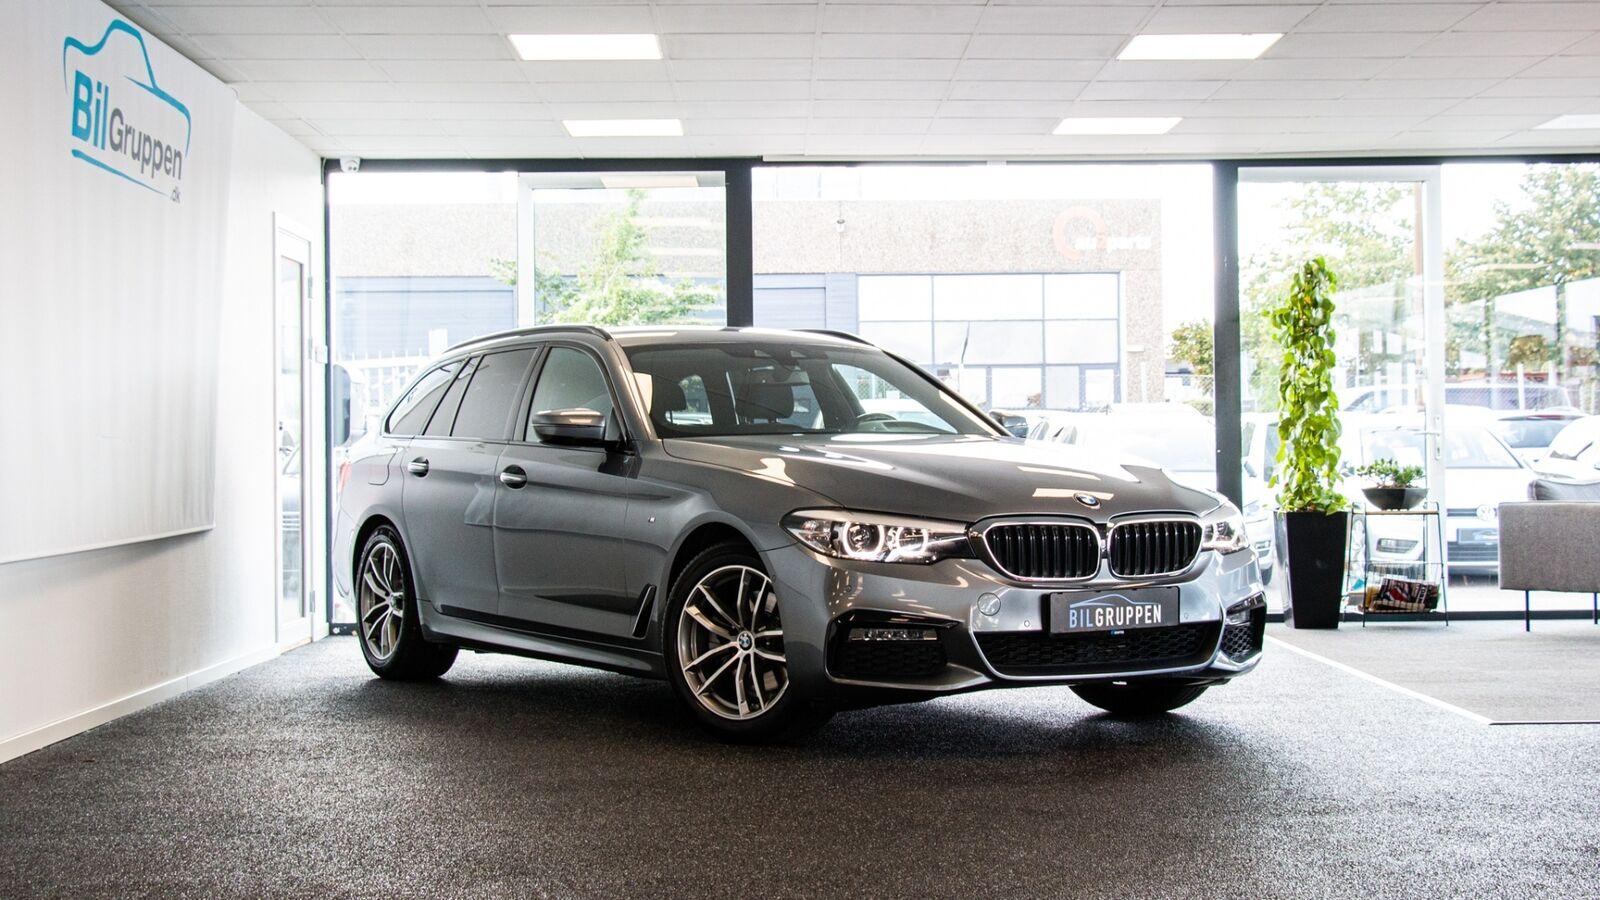 BMW 520d 2,0 Touring M-Sport aut. 5d - 439.900 kr.